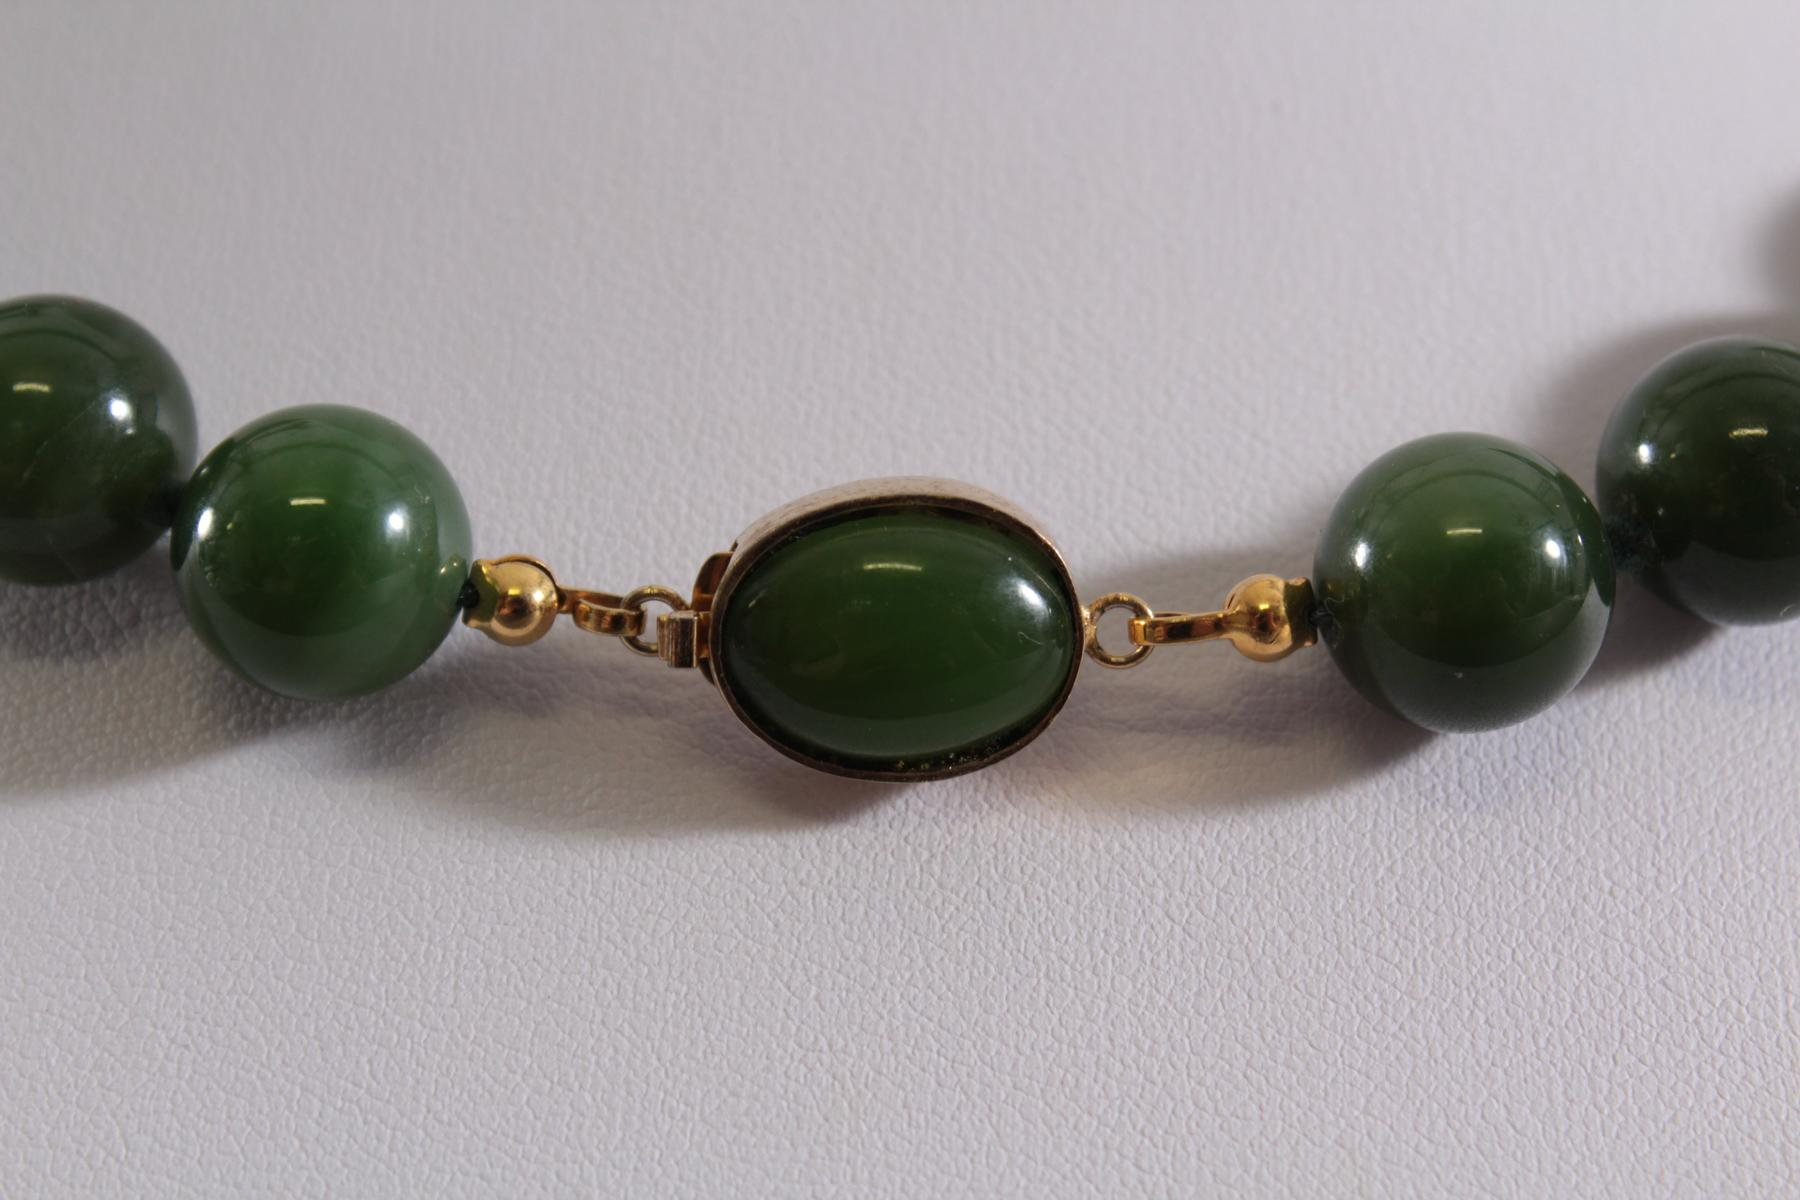 Jade Halskette, grüne Spinatjadekugeln, vergoldete Schließe mit Jadecabochon-3